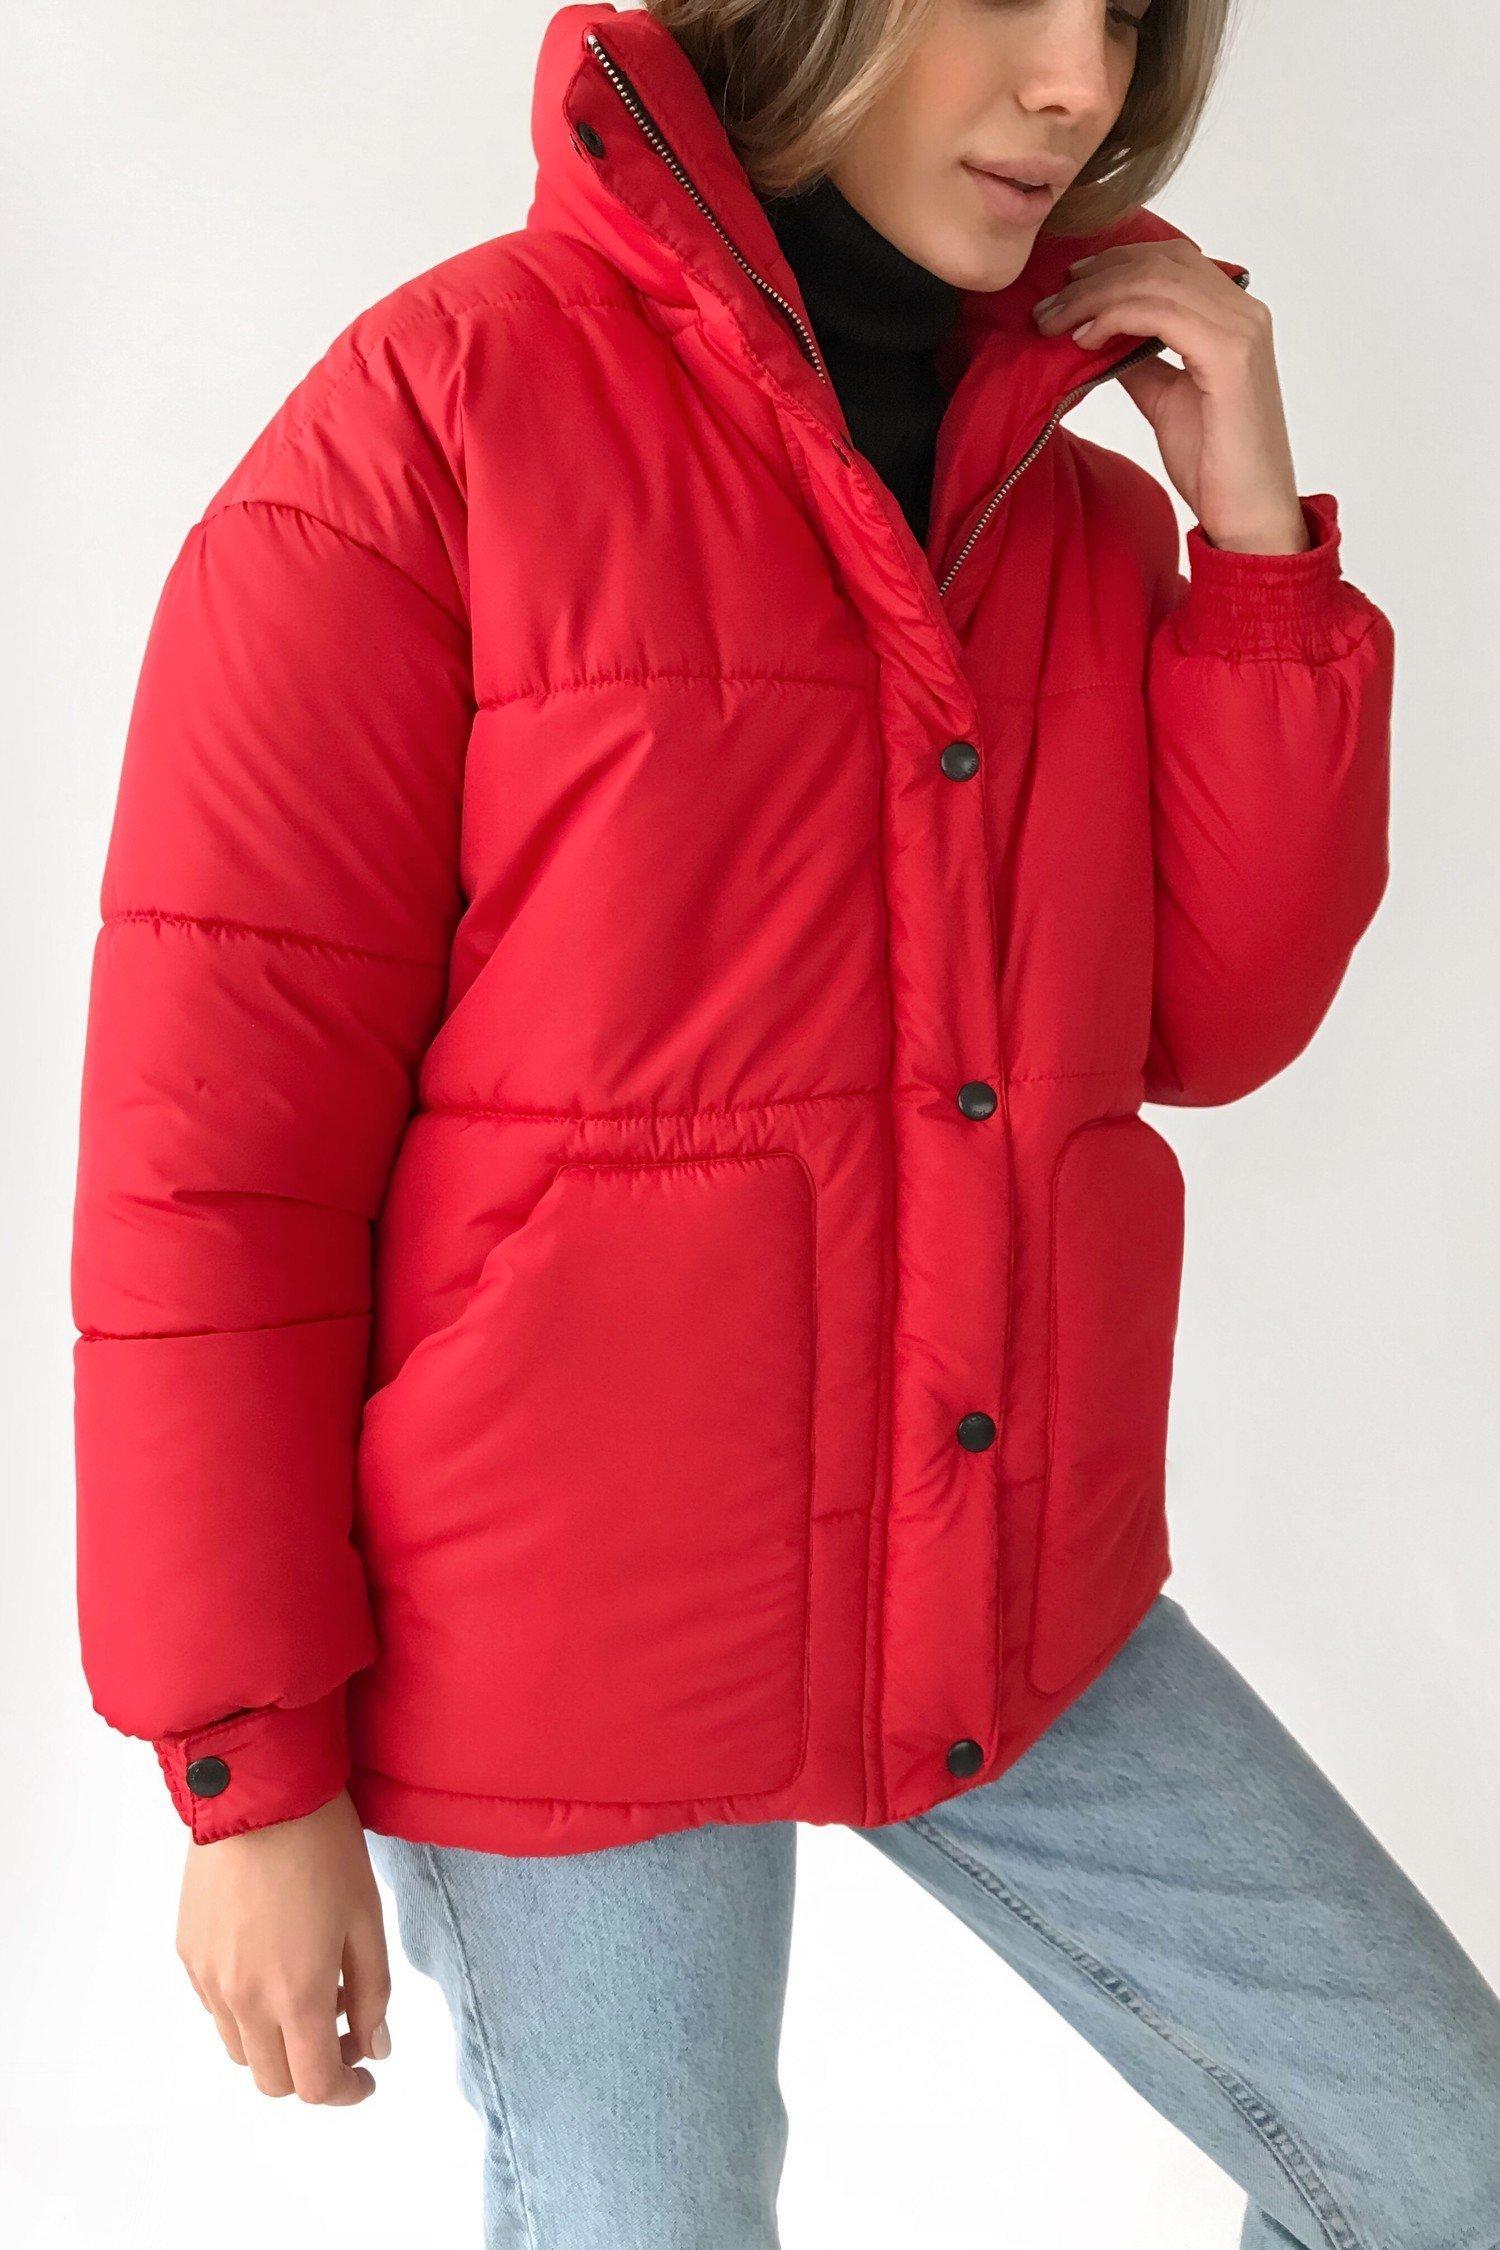 Куртка оверсайз красная - THE LACE